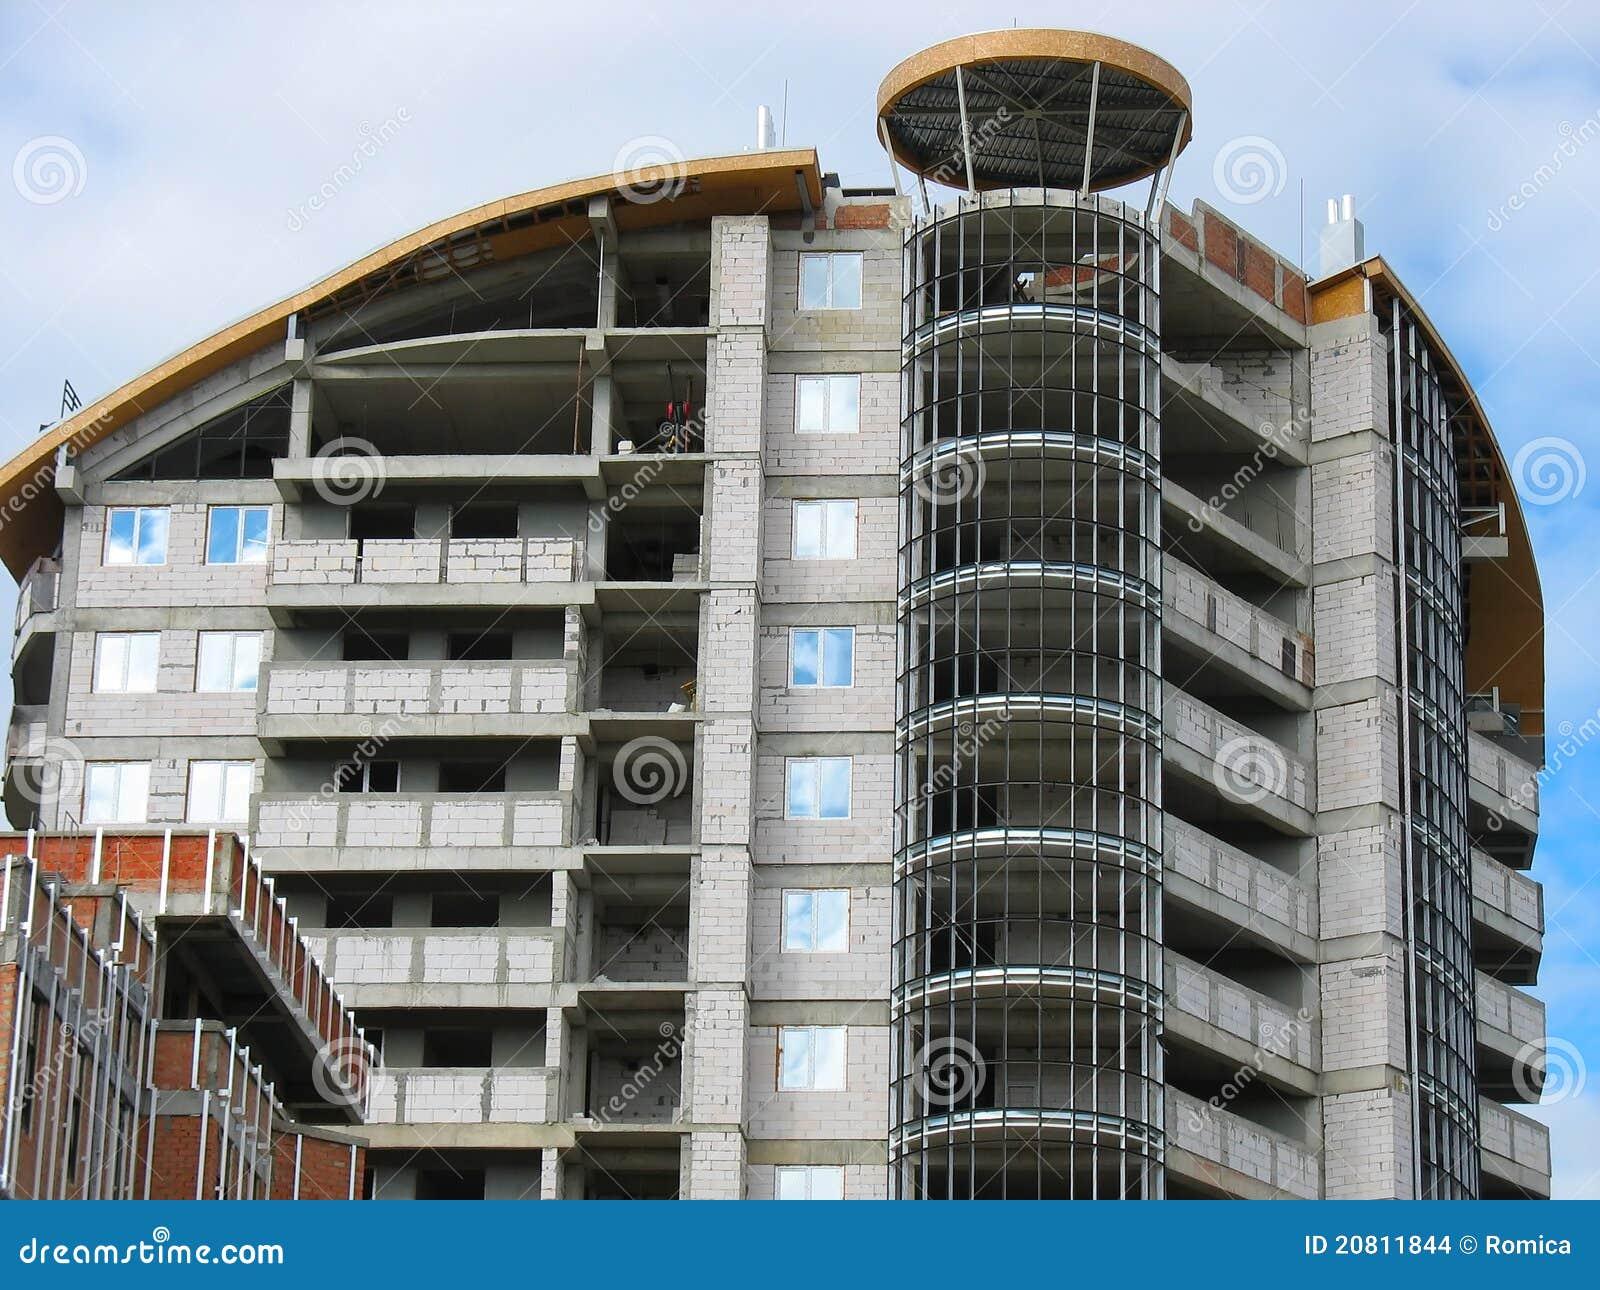 Neues Modernes Wohnungshaus Im Bau Stockfoto - Bild von innen ...